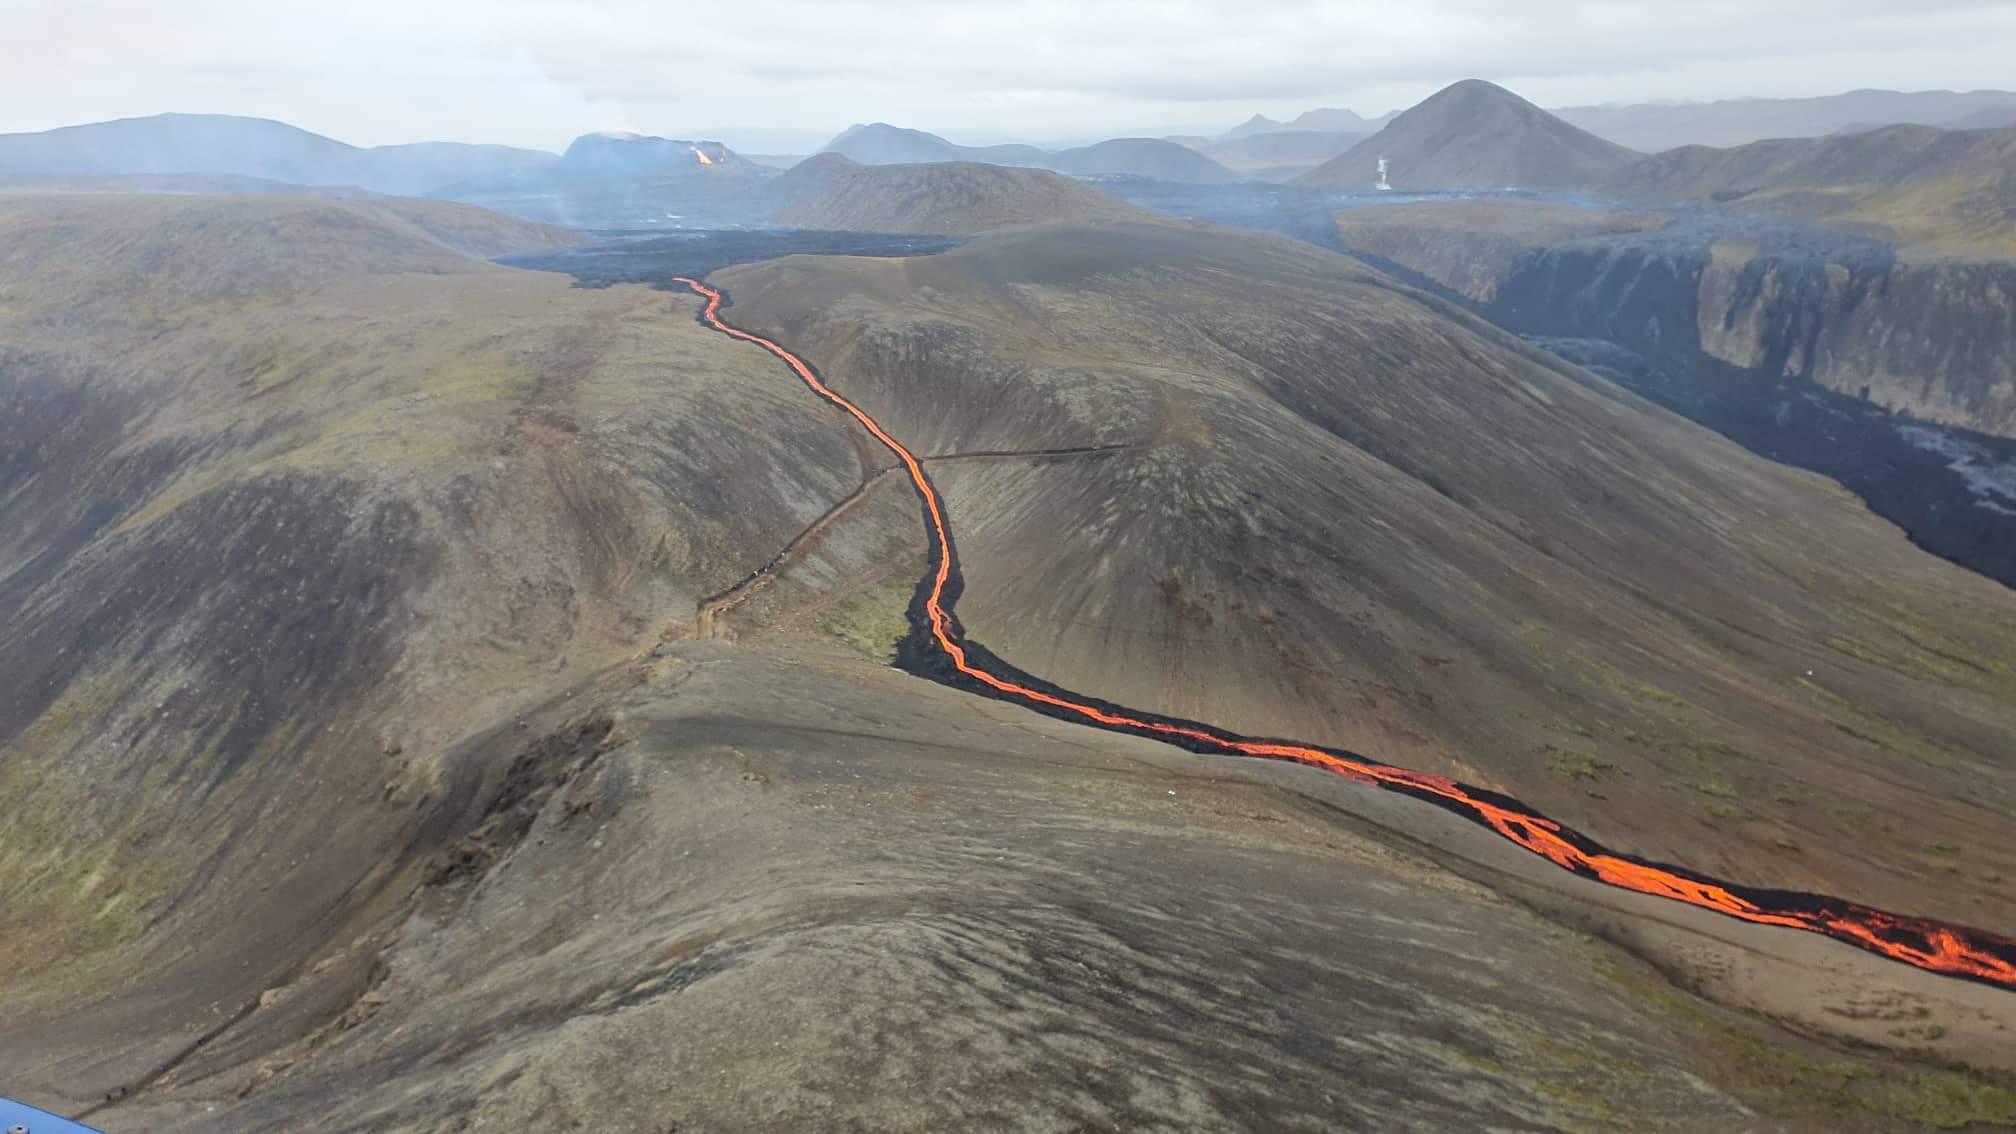 Lava flow at Reykjanes. Image: Björn Oddsson.